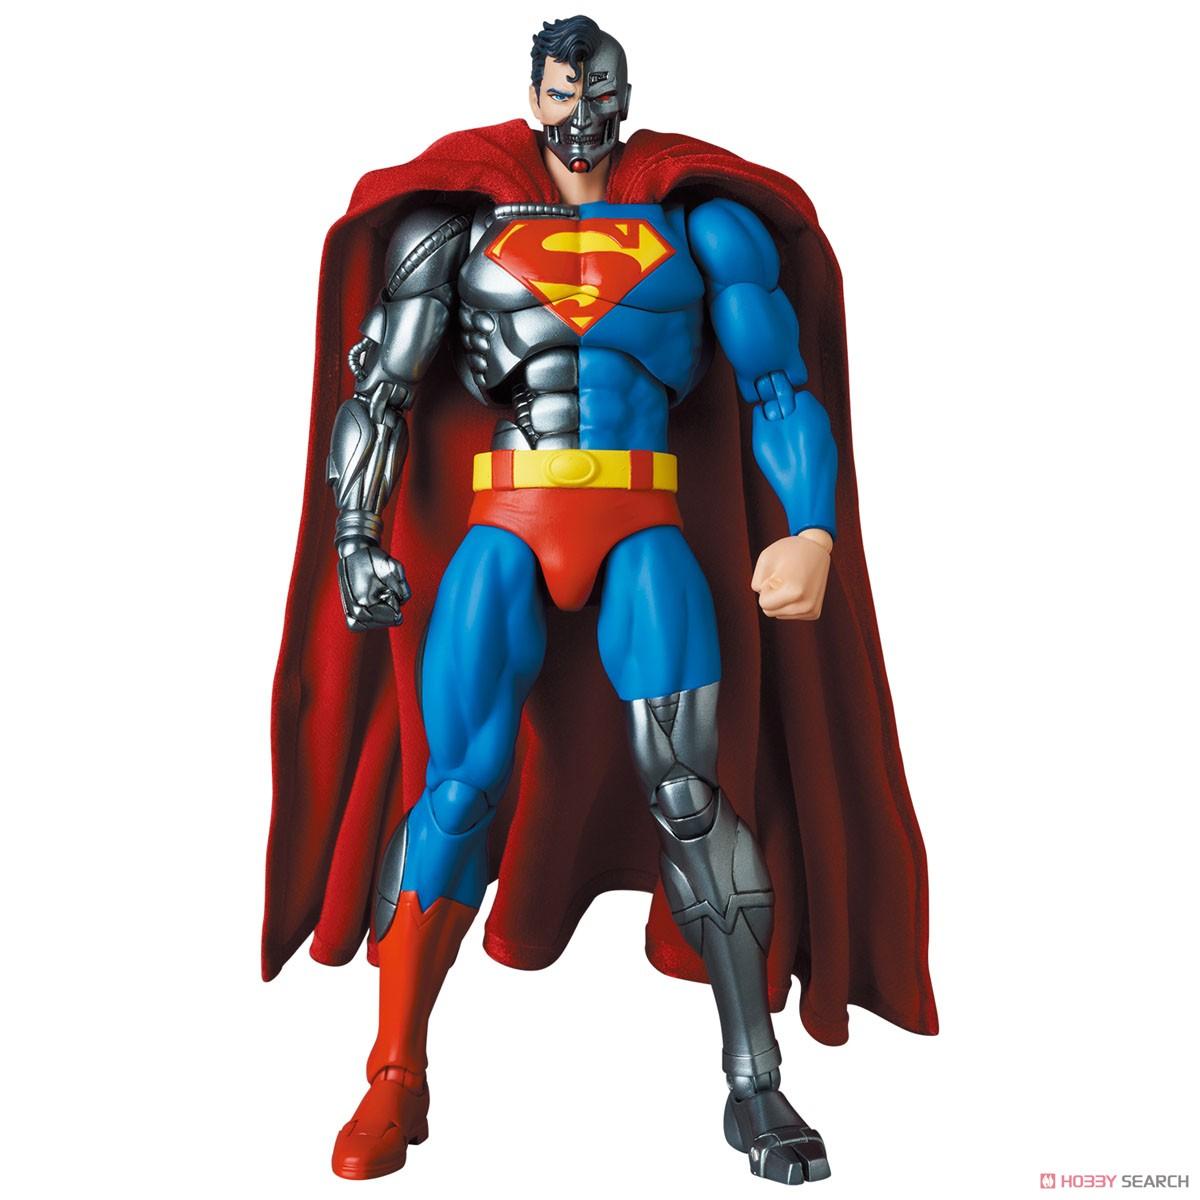 マフェックス No.164 MAFEX『サイボーグ スーパーマン/CYBORG SUPERMAN(RETURN OF SUPERMAN)』リターン・オブ・スーパーマン 可動フィギュア-003